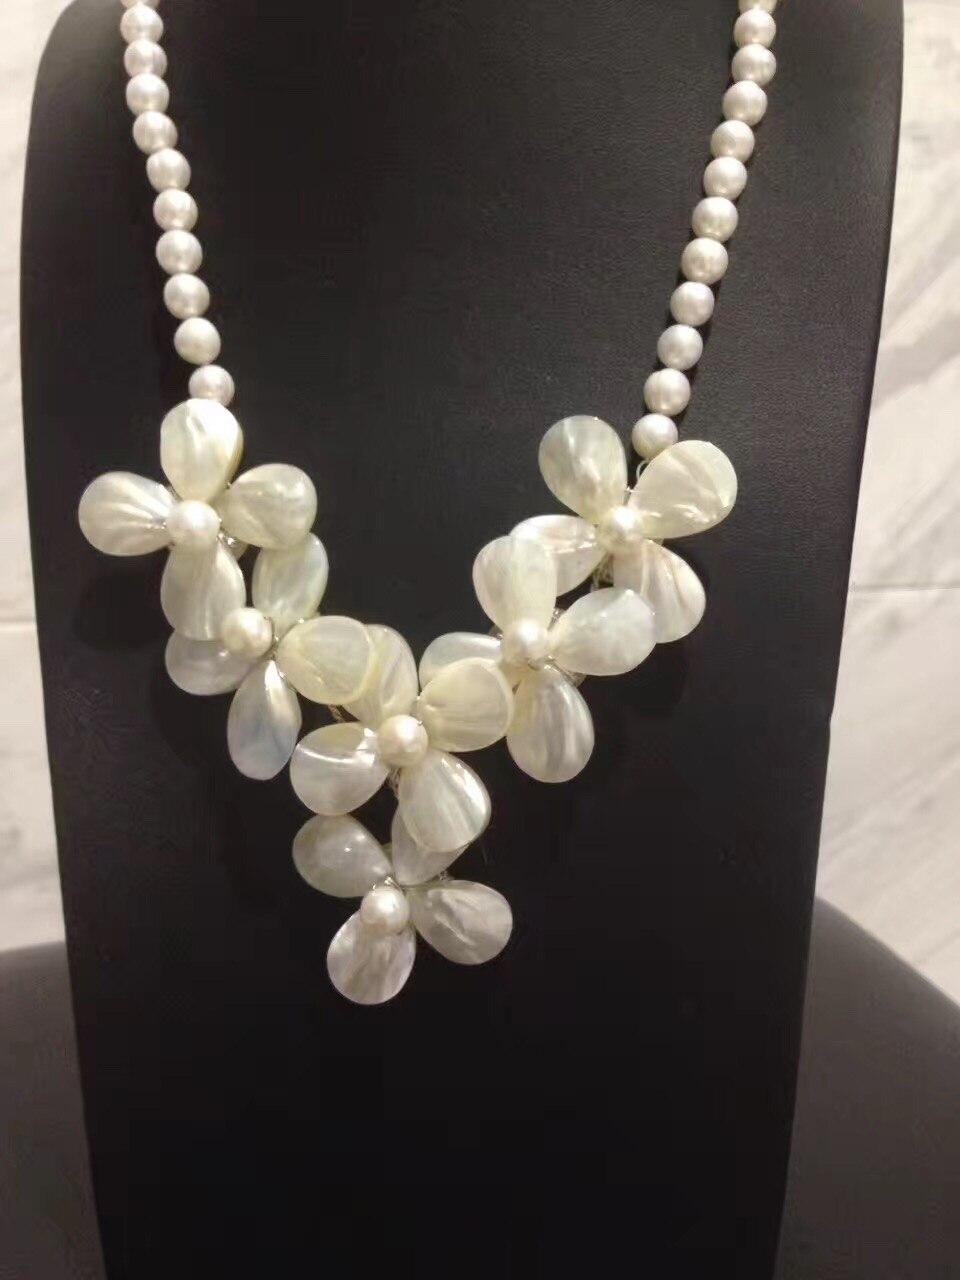 Collier de fleurs en coquillage naturel avec chaîne de perles d'eau douce 50 CM romantique mignon mode femmes bijoux livraison gratuite